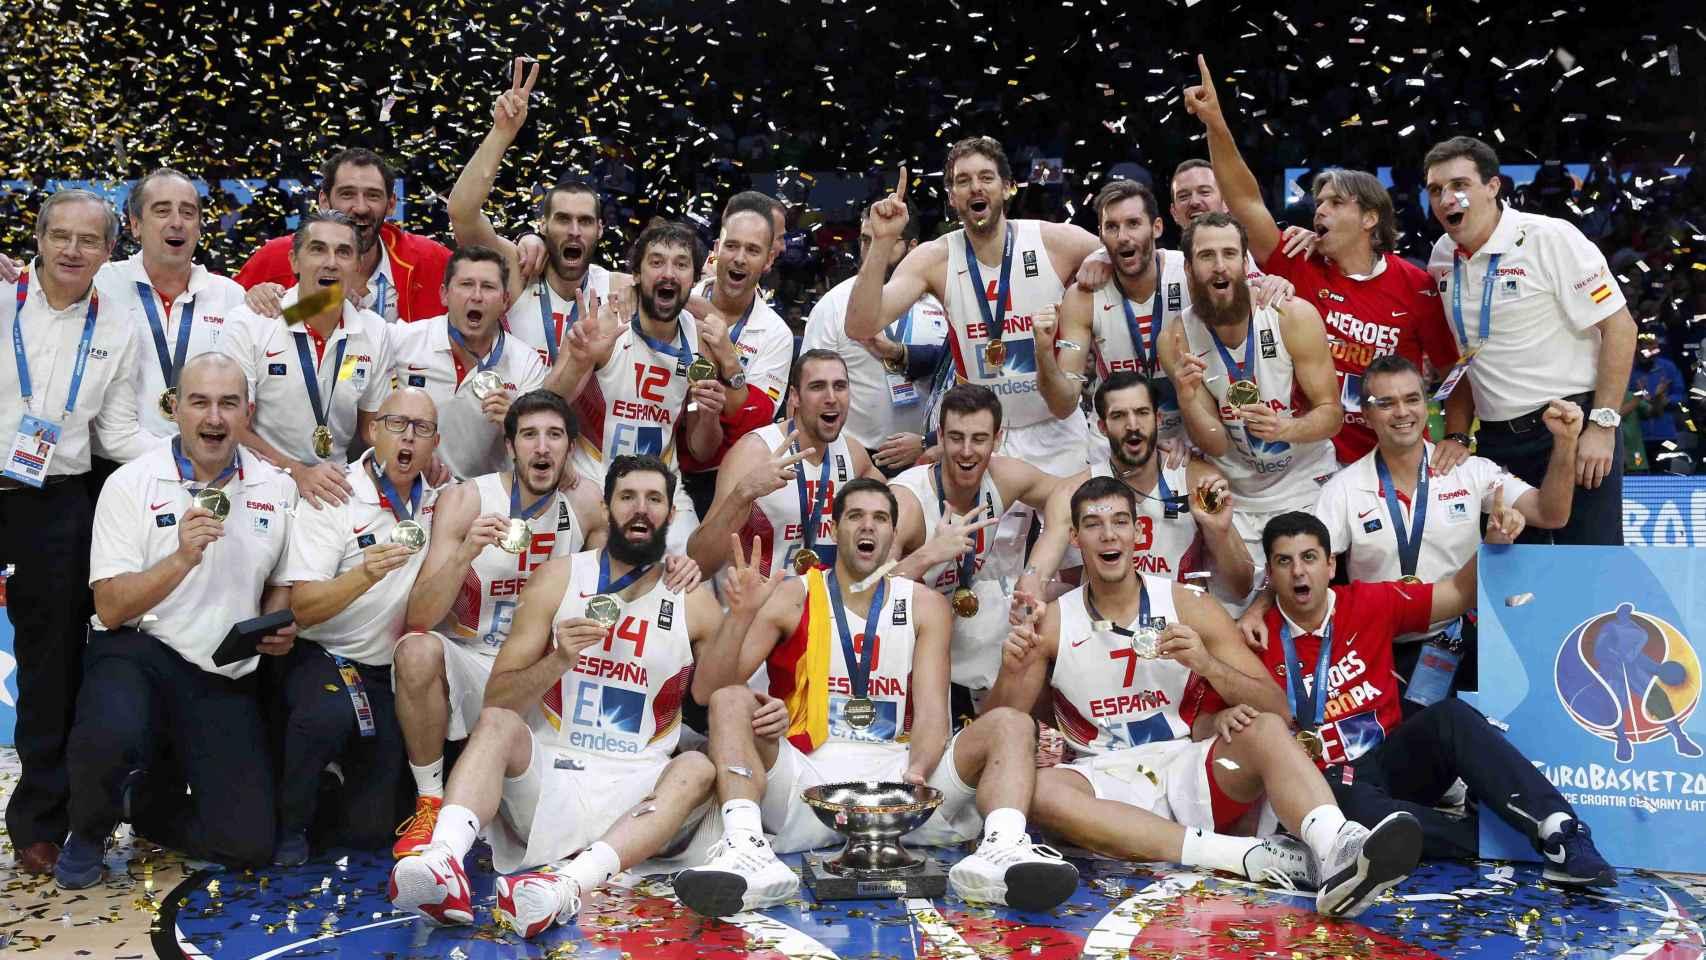 La selección masculina de baloncesto fue campeona en el pasado EuroBasket.